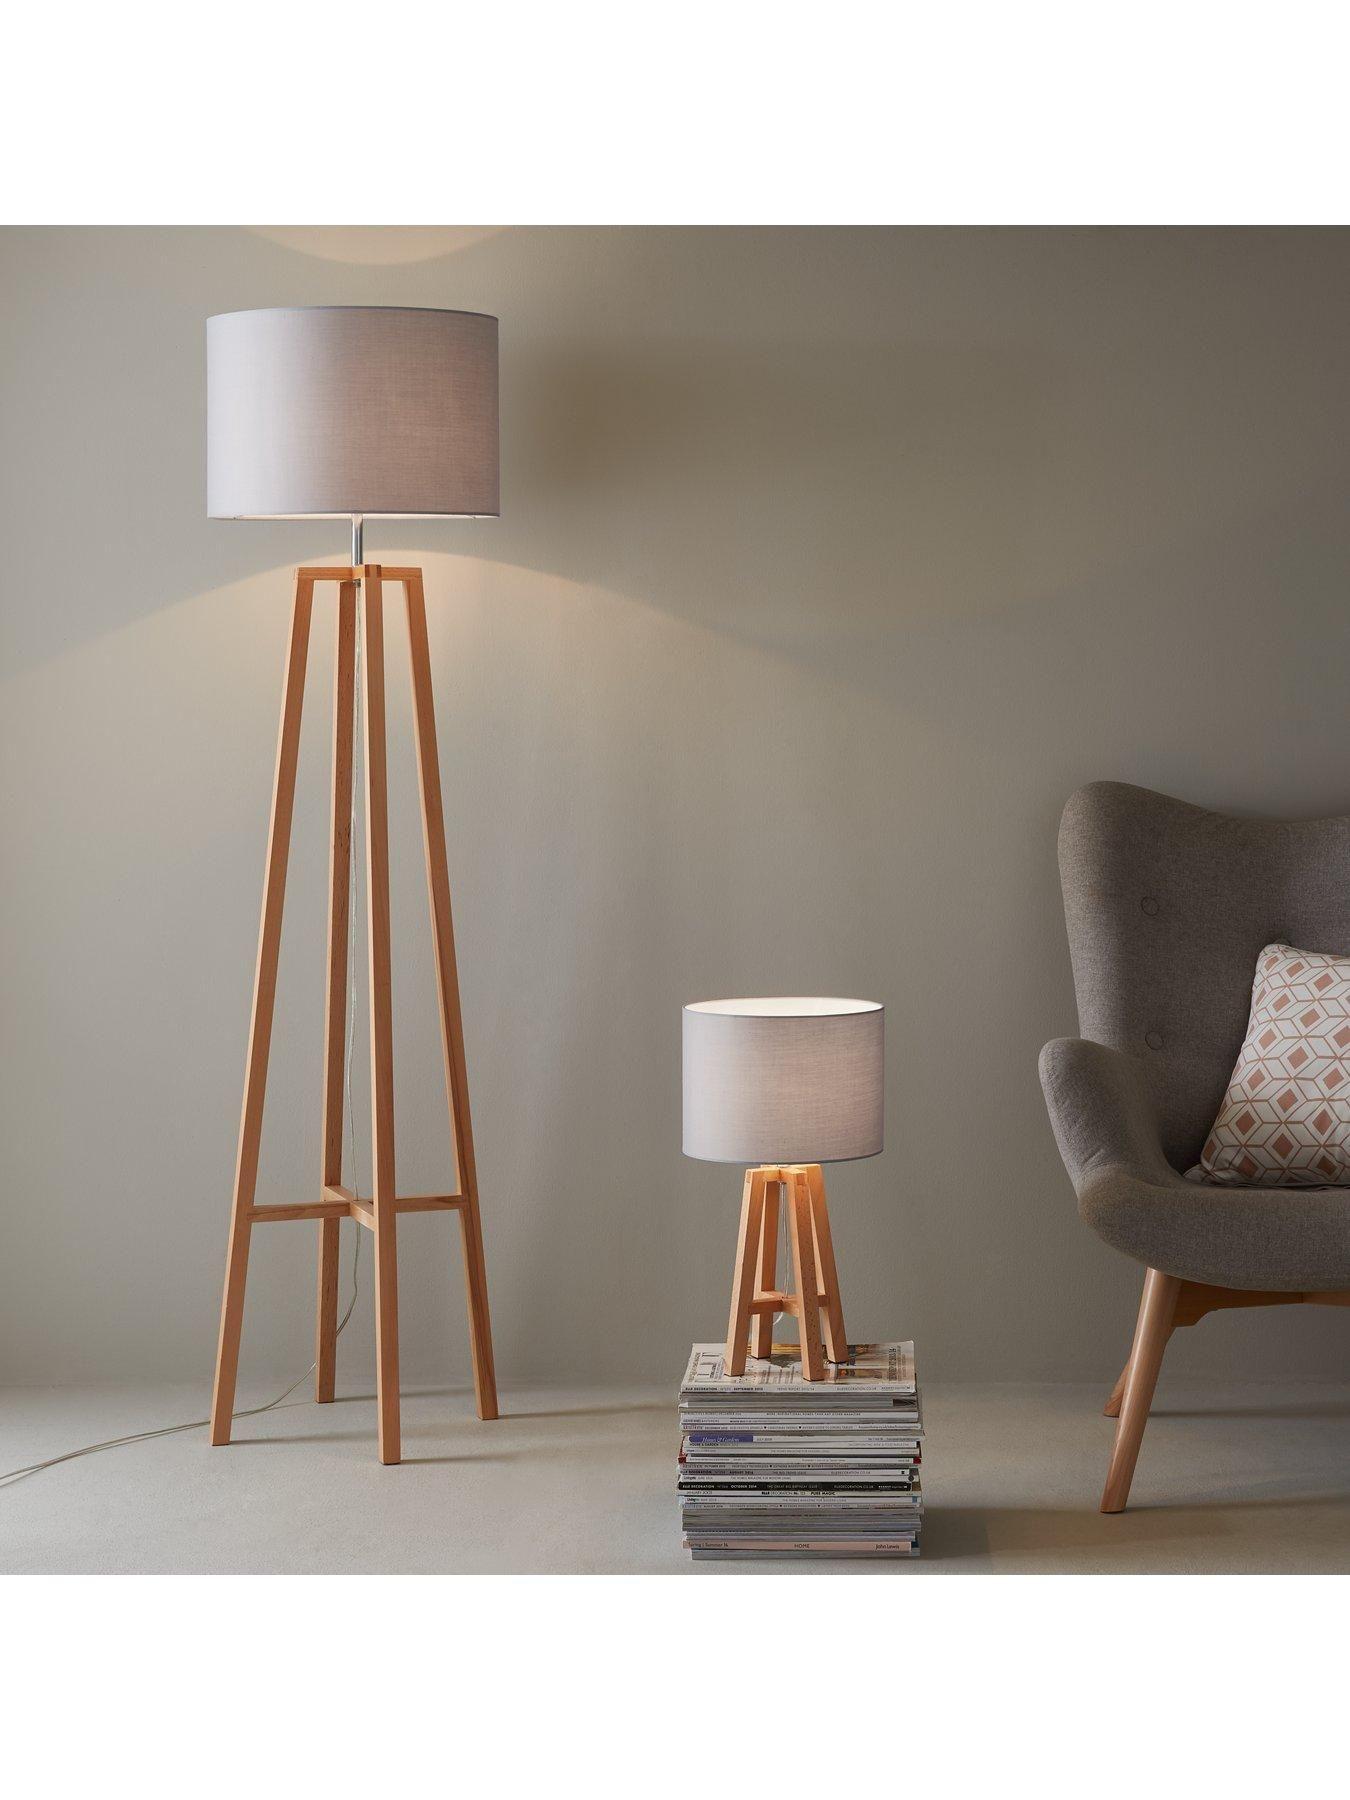 Theo Floor Lamp Standing Living, Floor Standing Lamps For Living Room